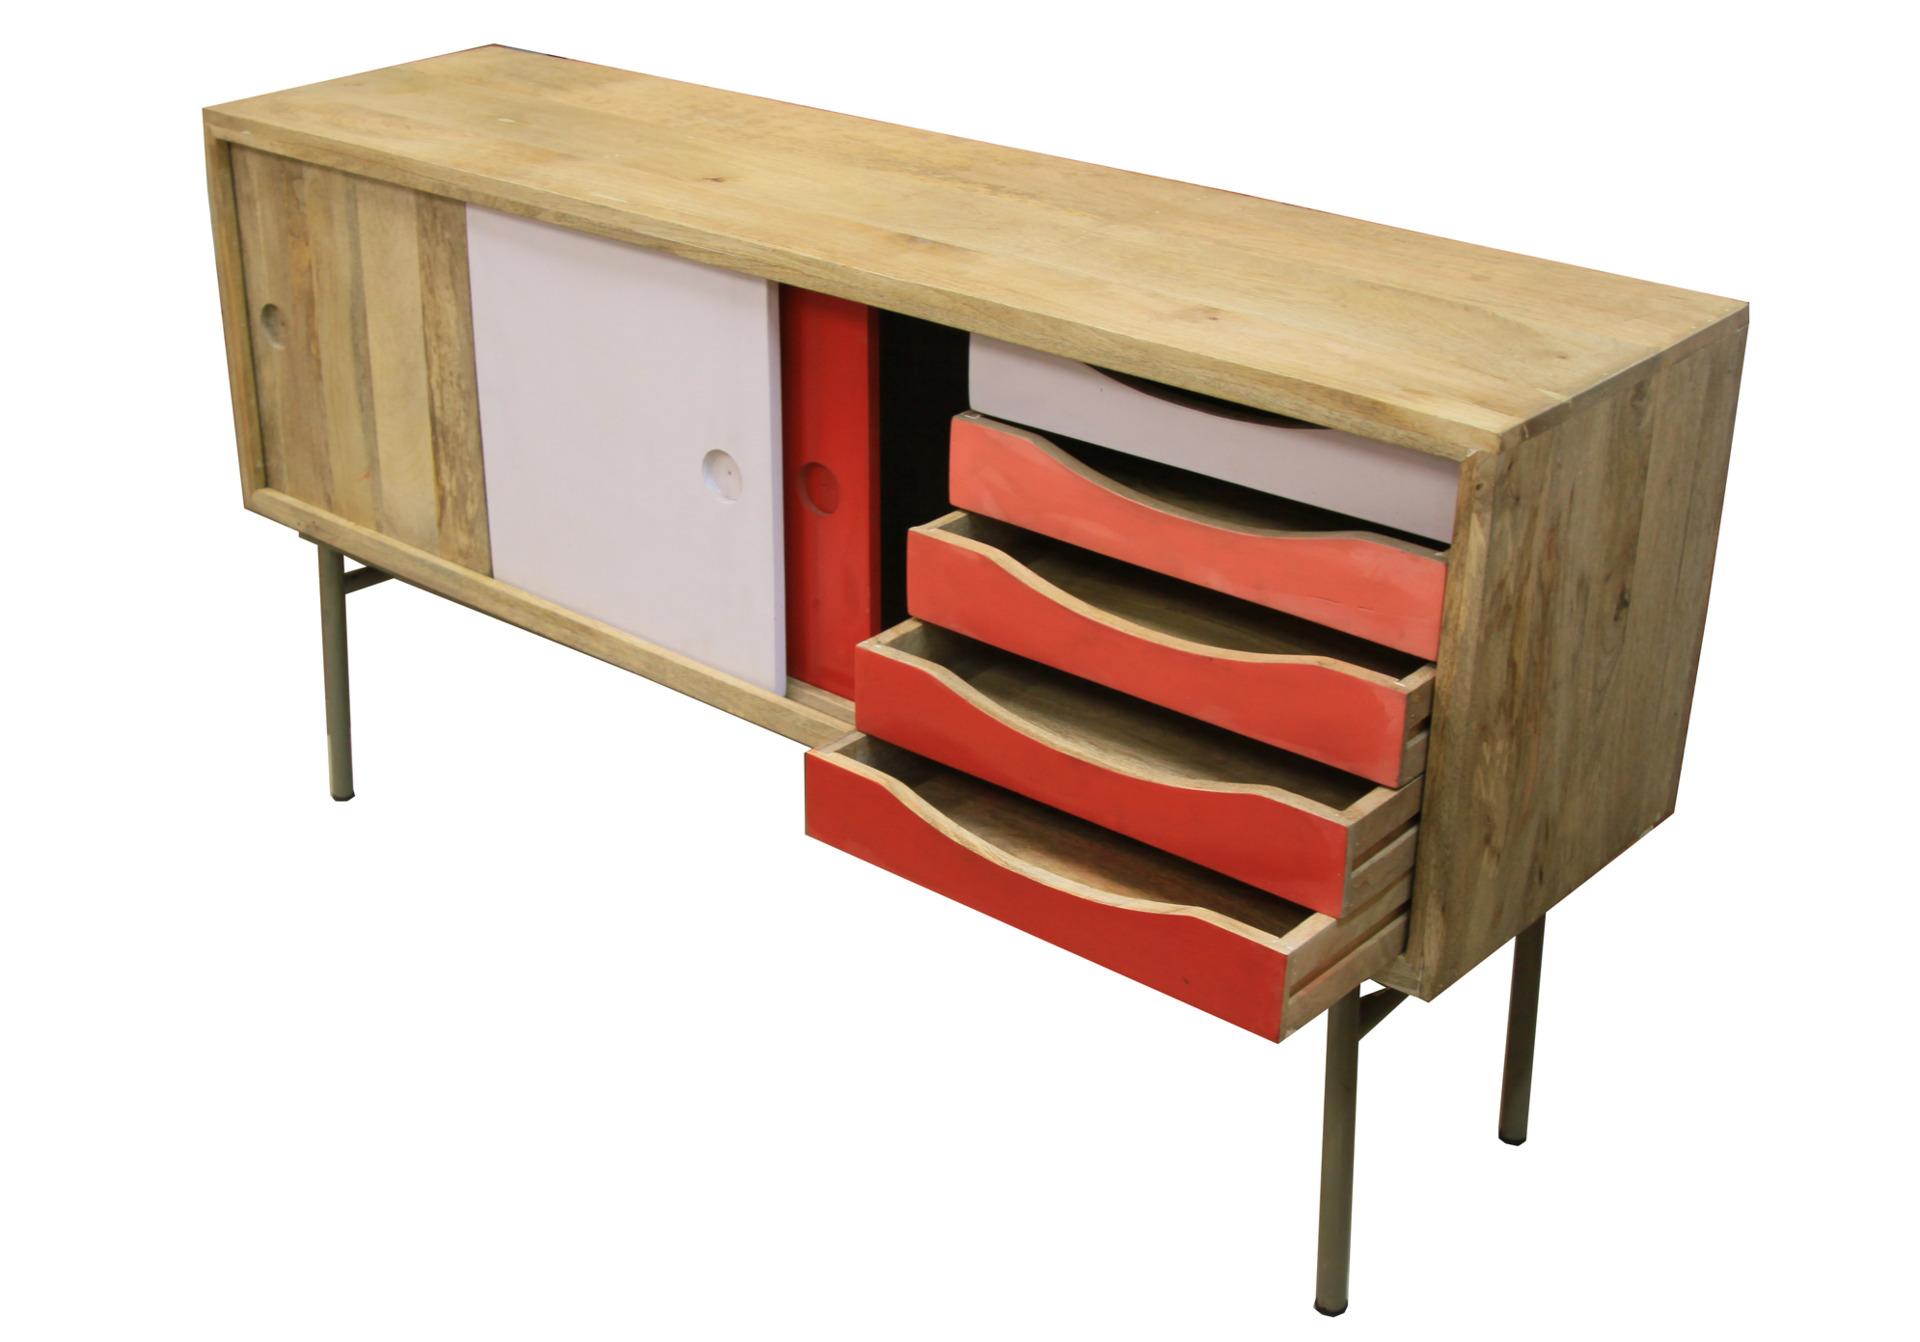 meuble bois design scandinave sofag. Black Bedroom Furniture Sets. Home Design Ideas